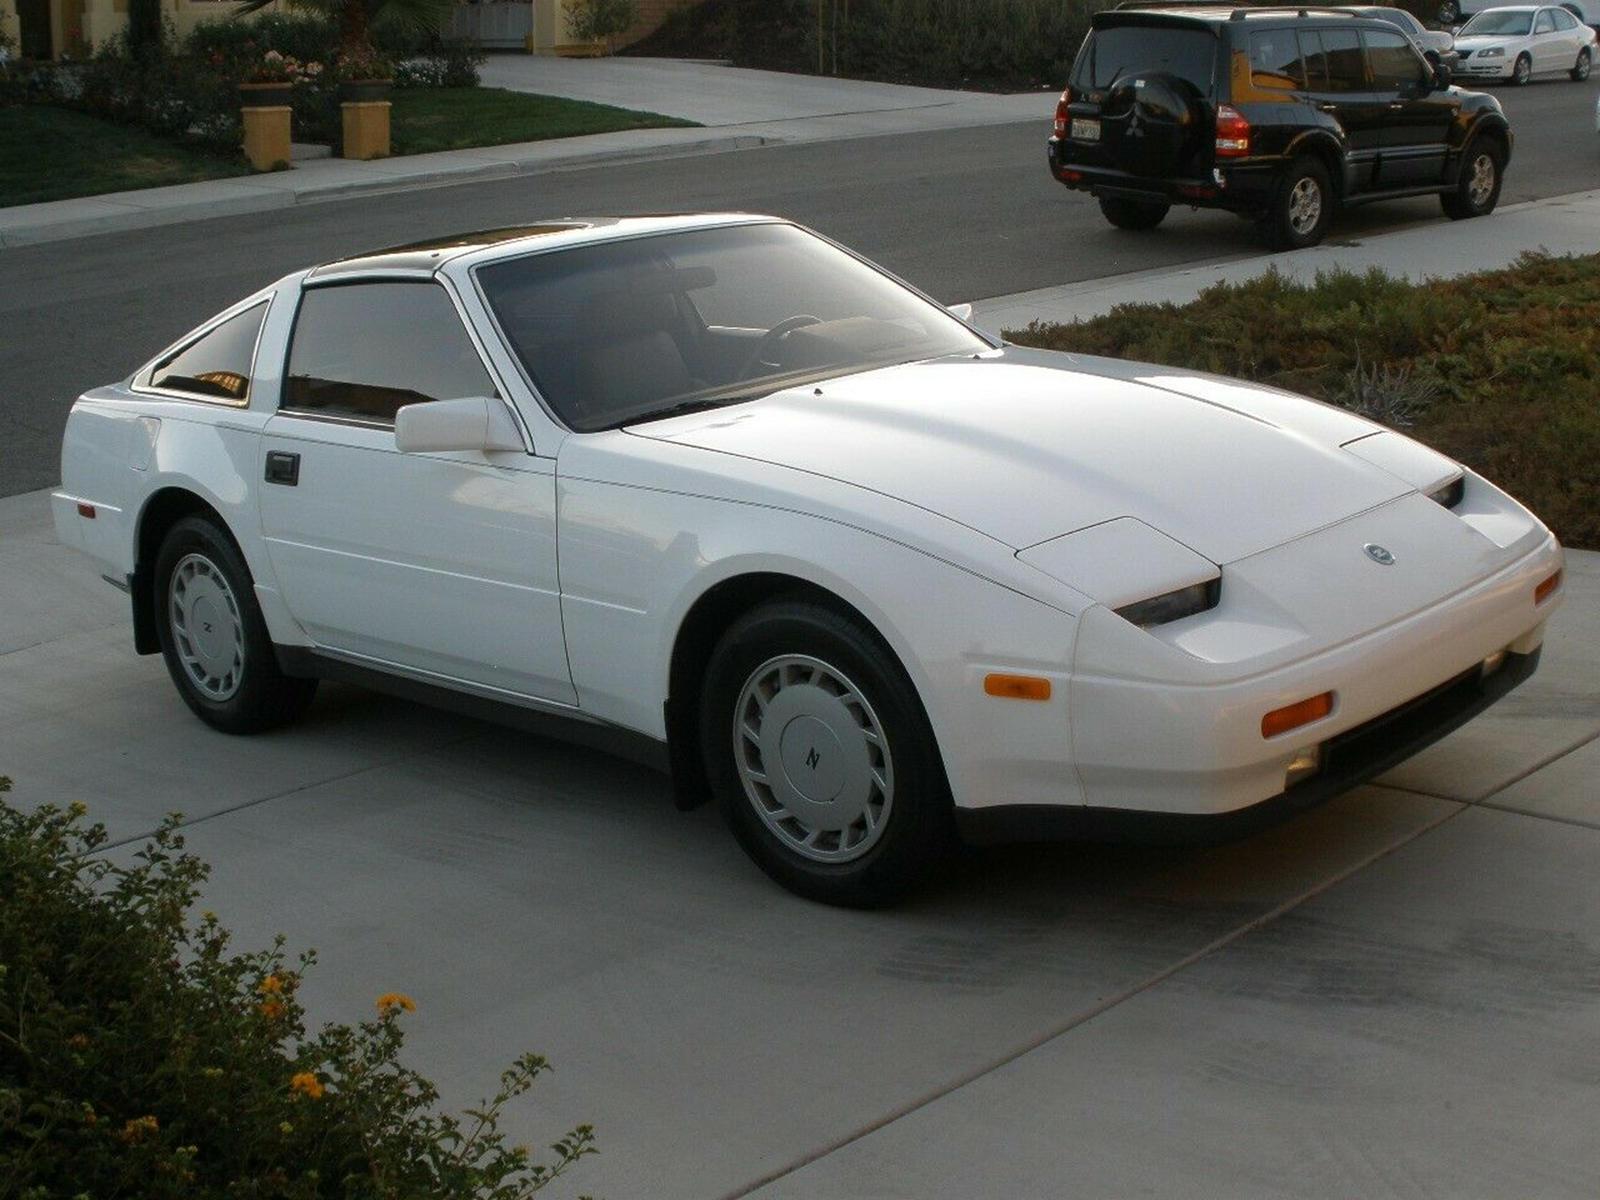 Z31 300ZX был разработан Казумасу Такаги и производился с 1983 по 1989 год. Под капотом этого зверя вы найдете атмосферный двигатель V6 VG30E, который выдает жалкие 160 лошадиных сил. Хорошая новость заключается в том, что продаваемый автомобиль пост